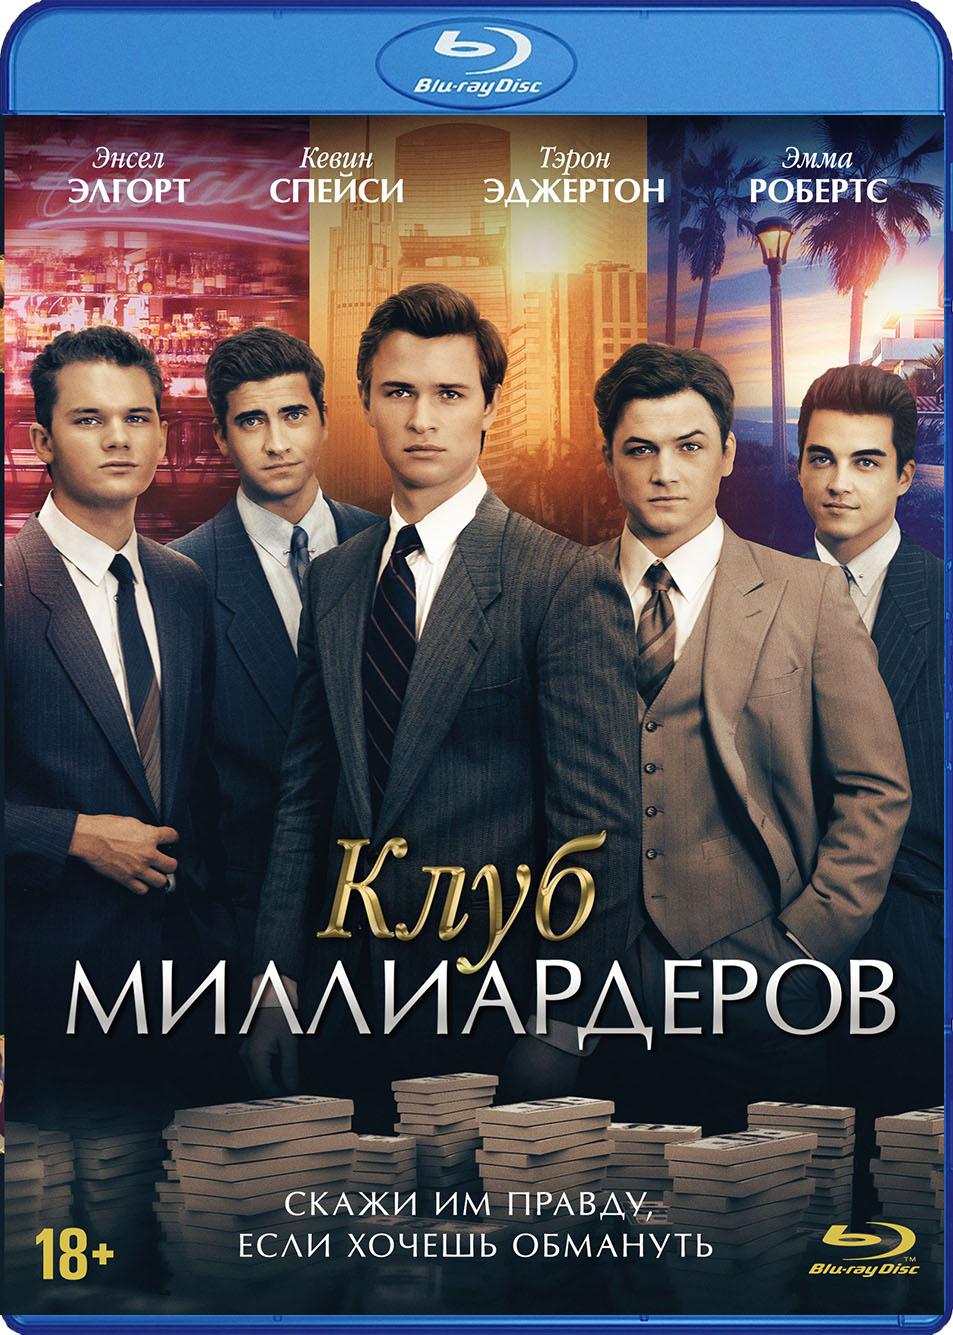 Клуб миллиардеров (Blu-ray) фото